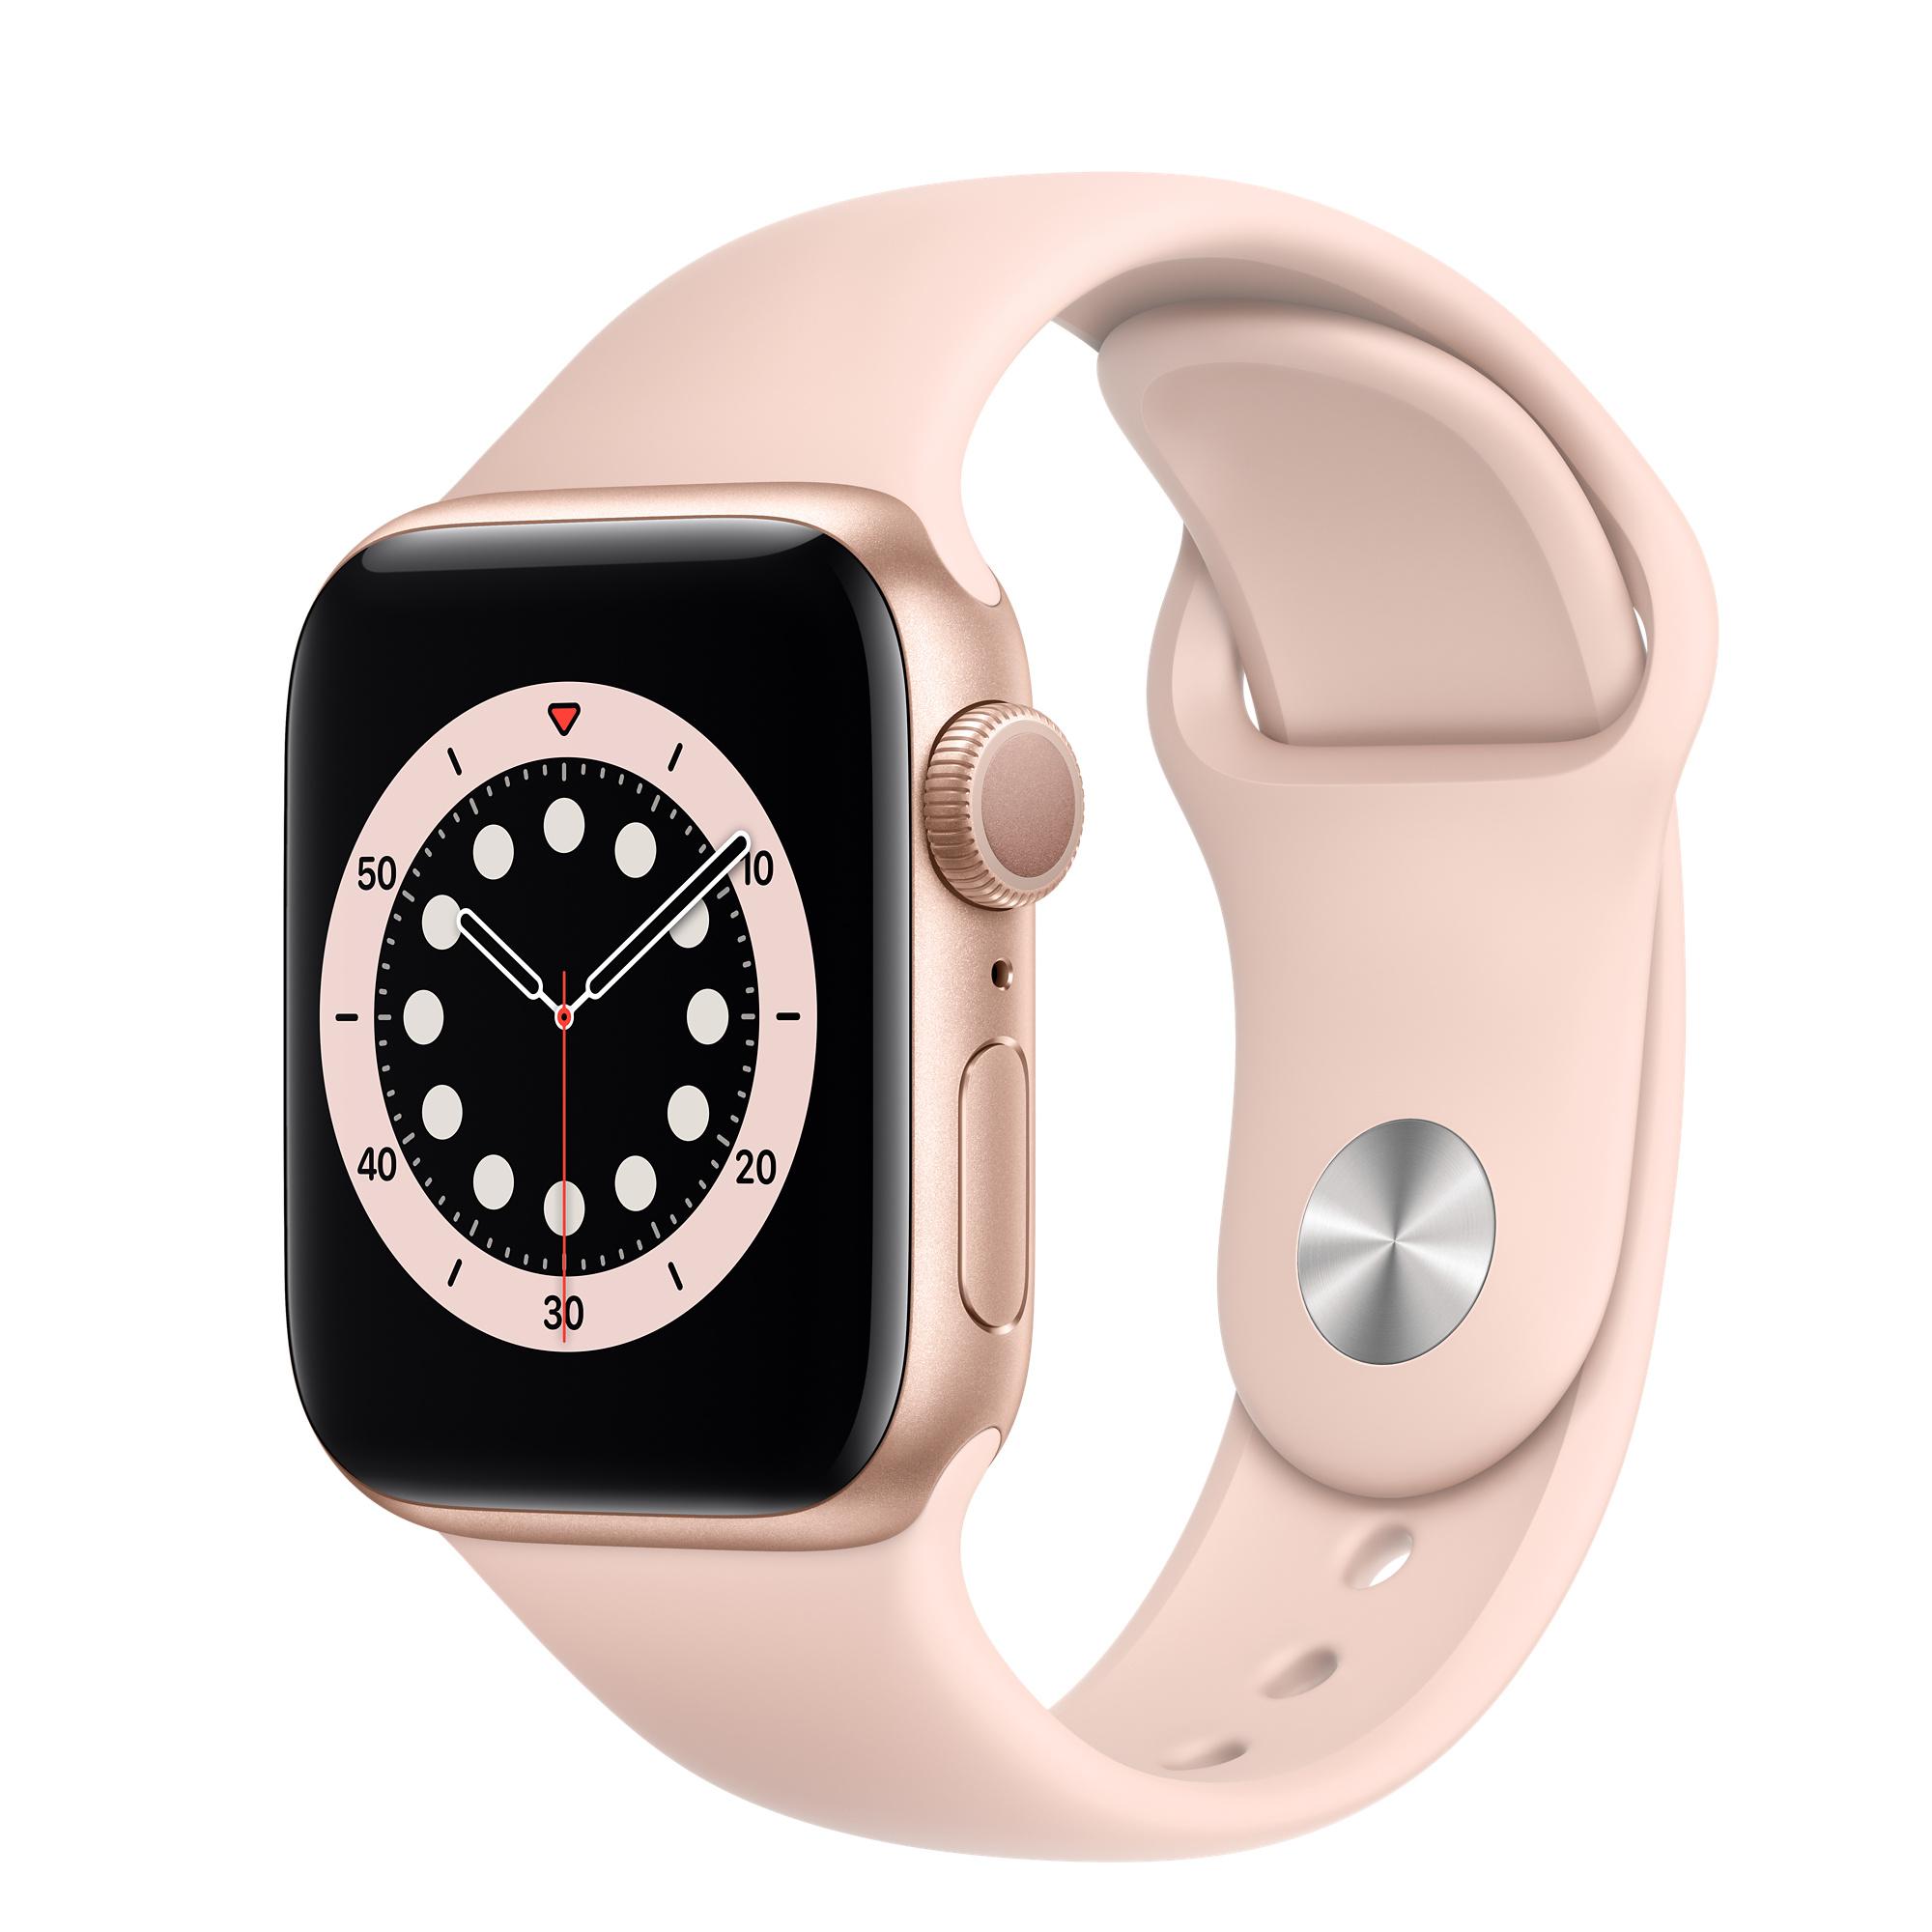 ساعة ابل الاصدار 6 بمقاس 40 ملم بهيكل المنيوم ذهبي اللون وسوار رياضي بلون زهري مزودة بنظام تحديد المواقع، موديل عادي